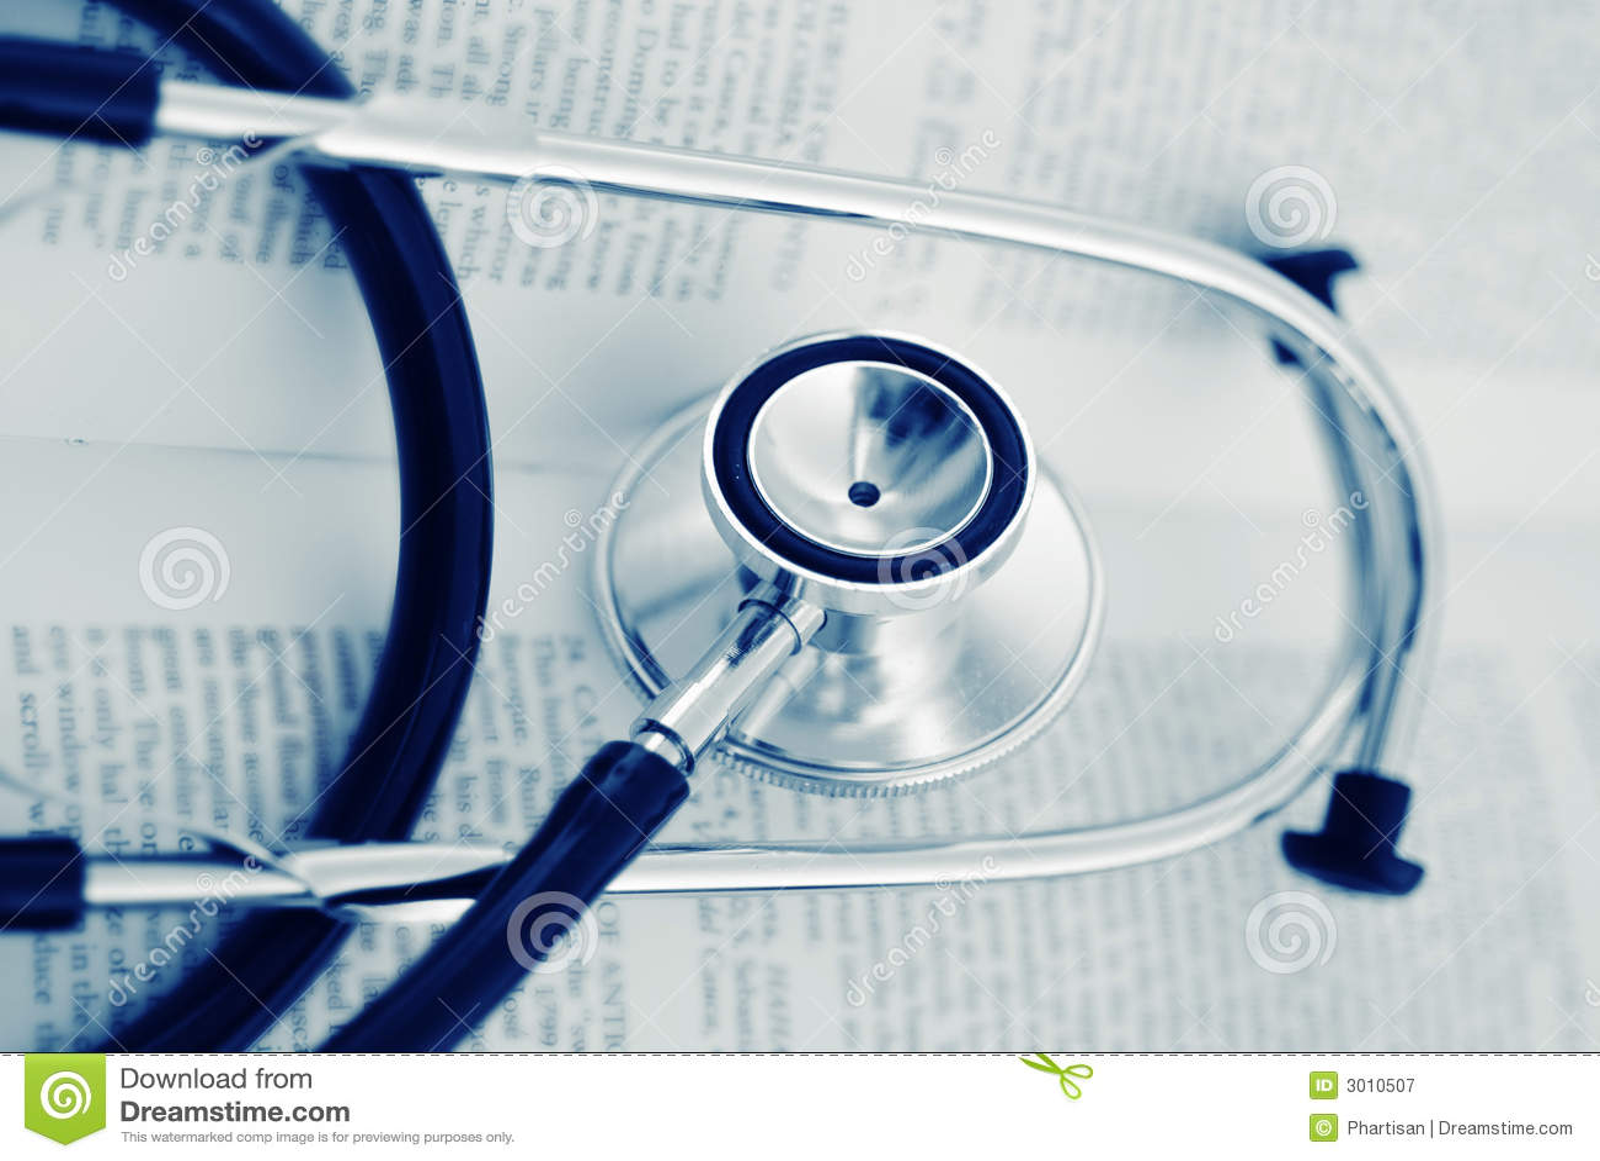 Stetoskopu narzędzie medyczne